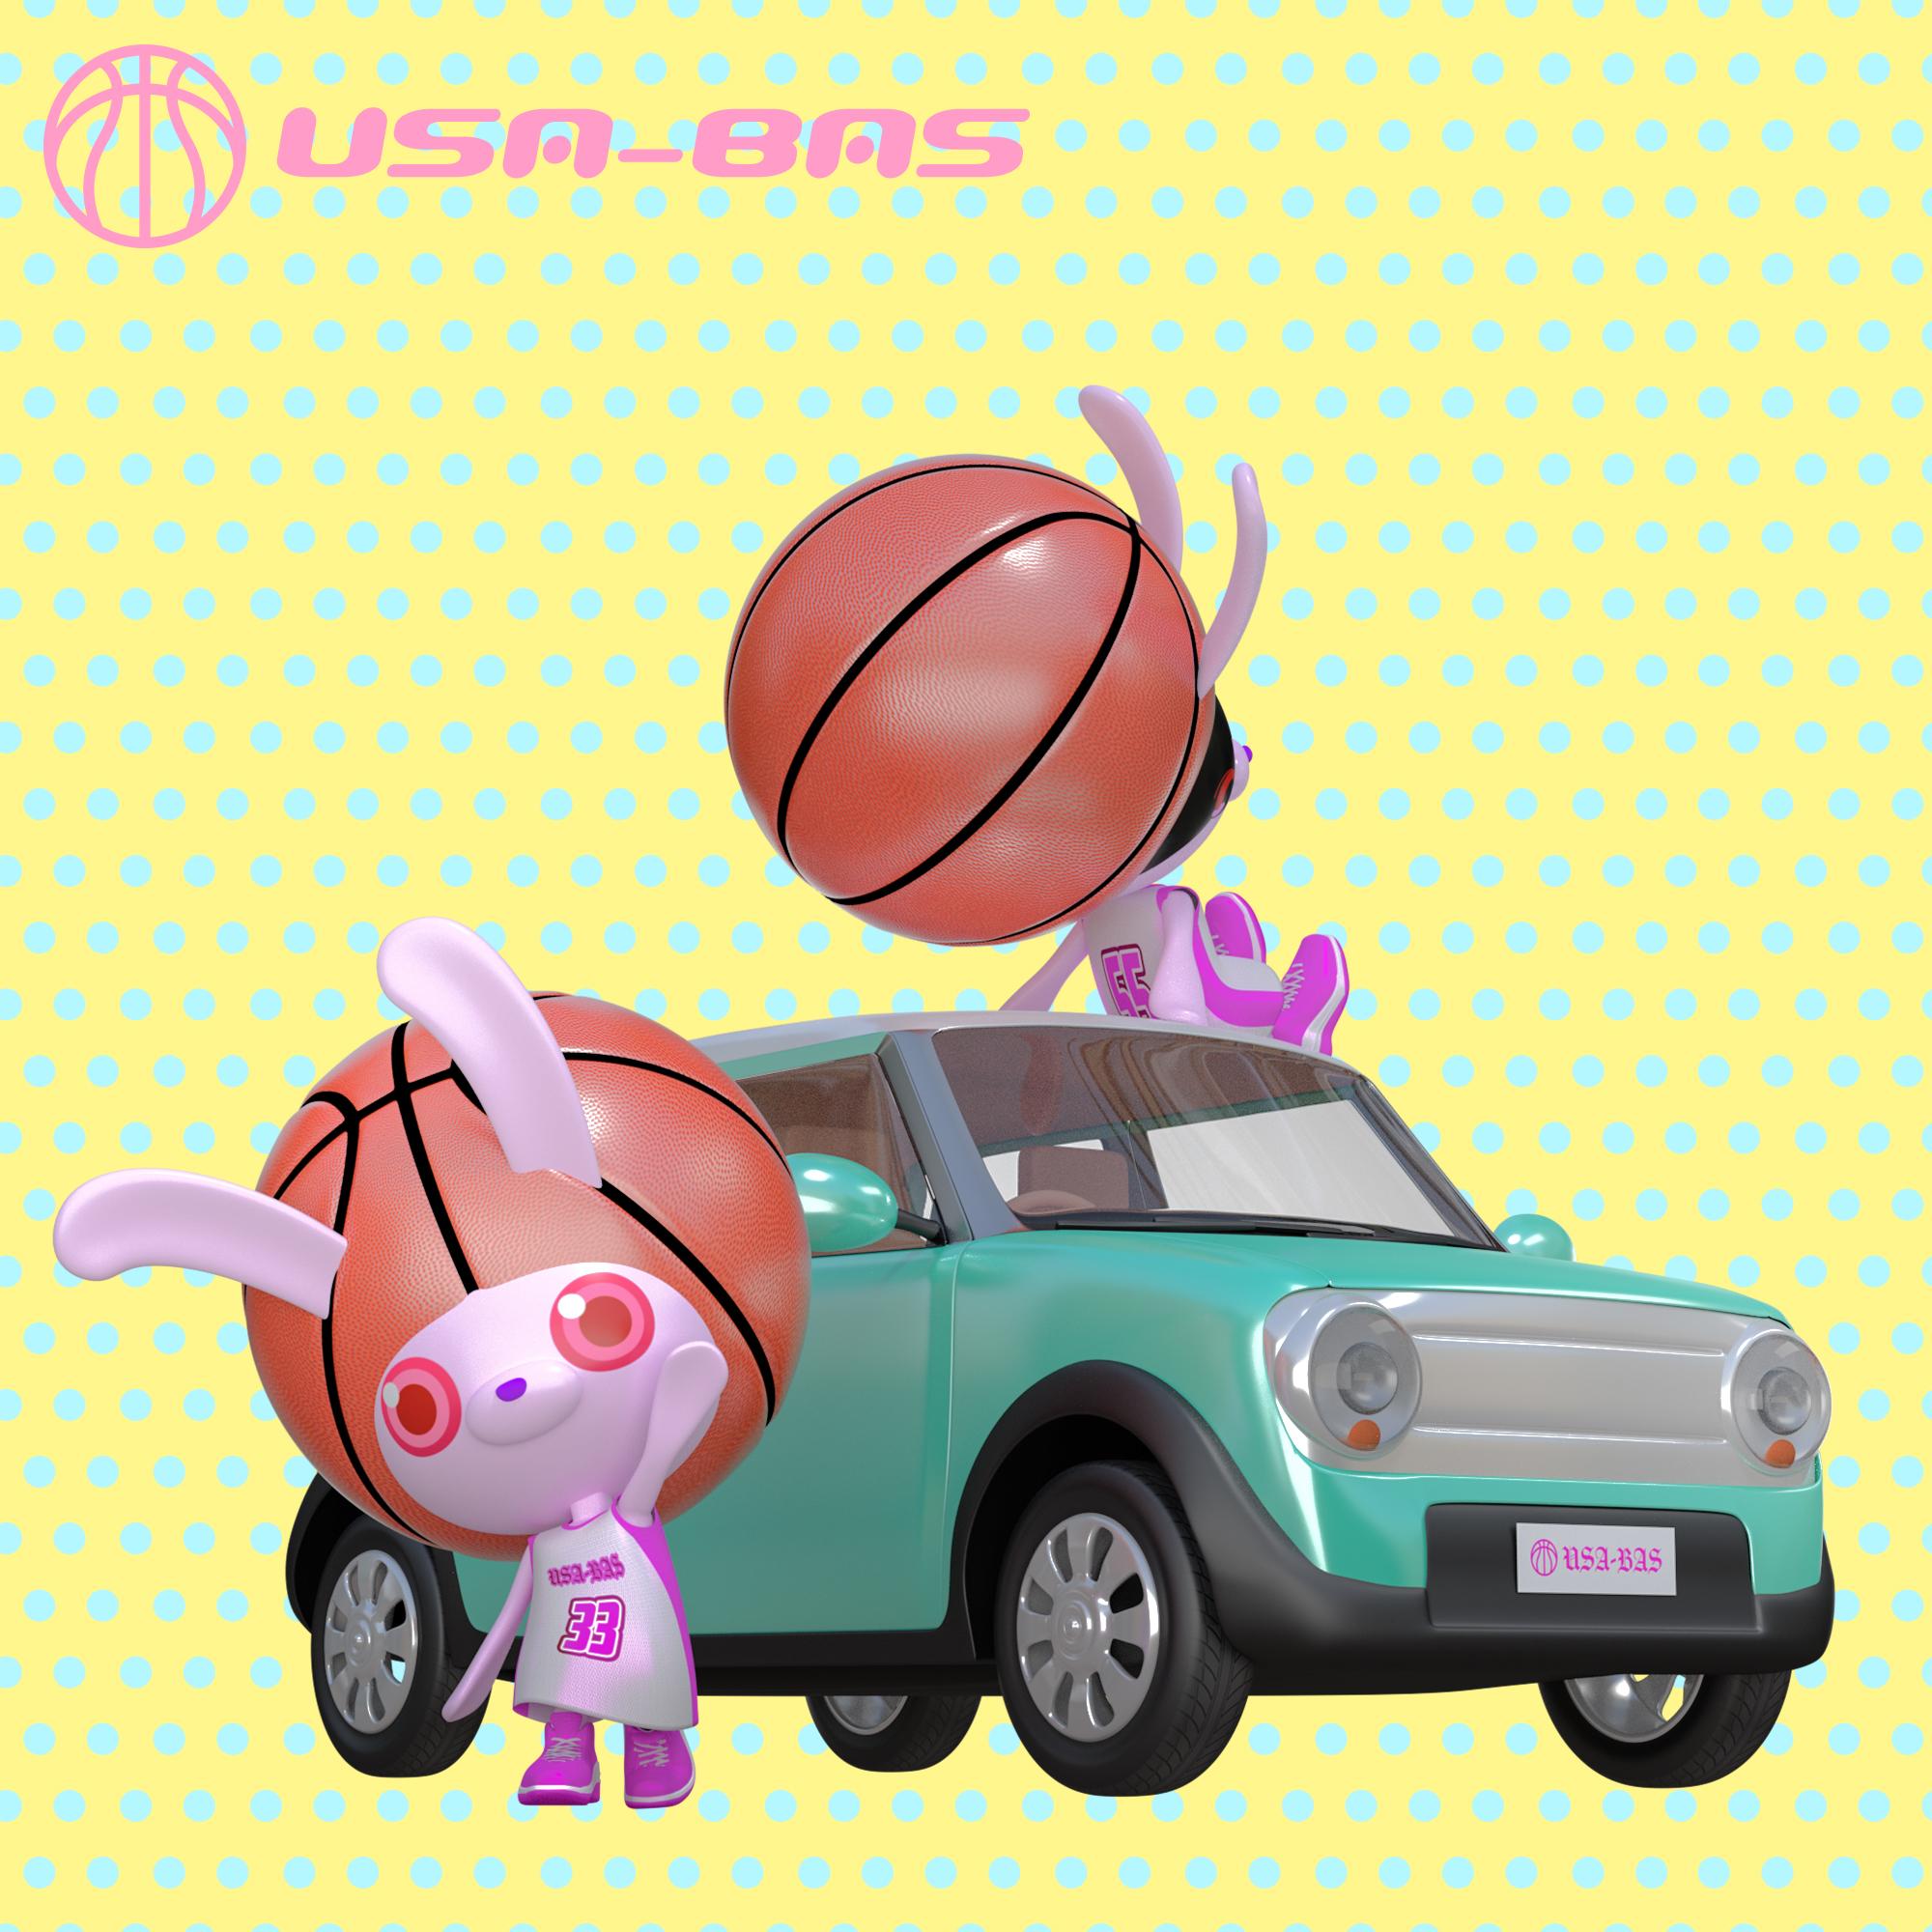 オリジナルキャラクター USA-BAS